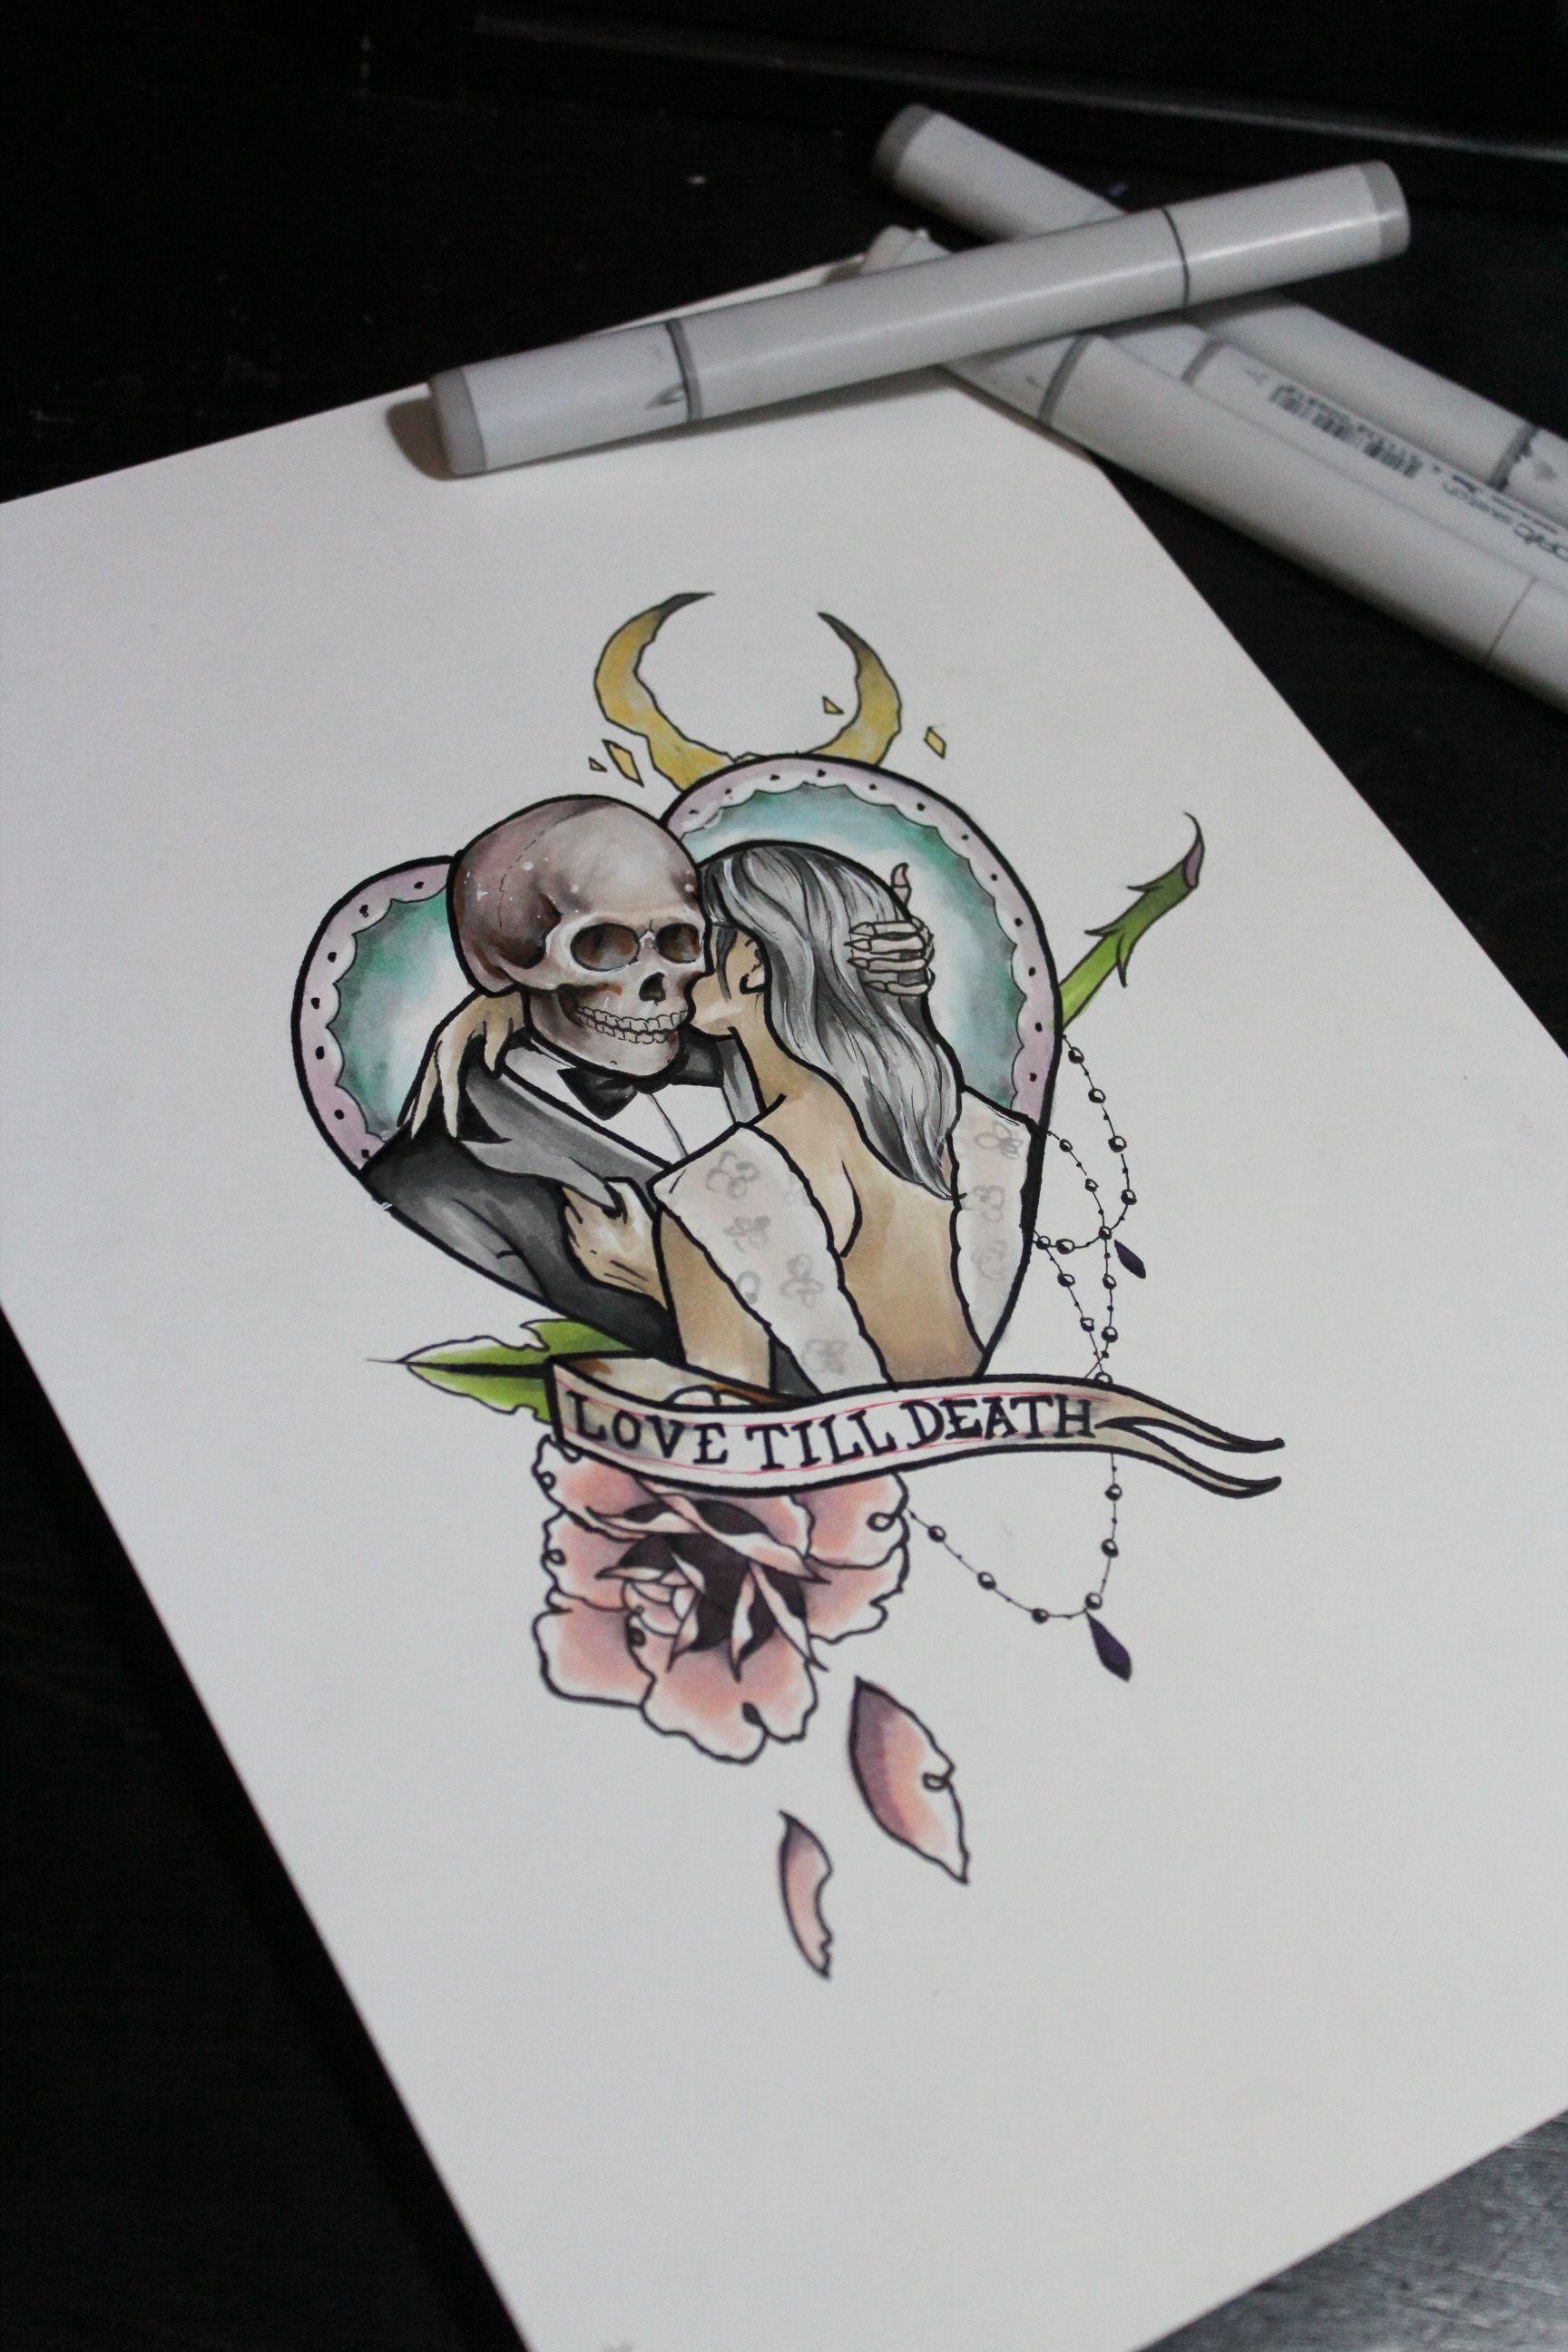 Love writing tattoo designs - Love Tattoo Skeleton Tattoo Love Till Death